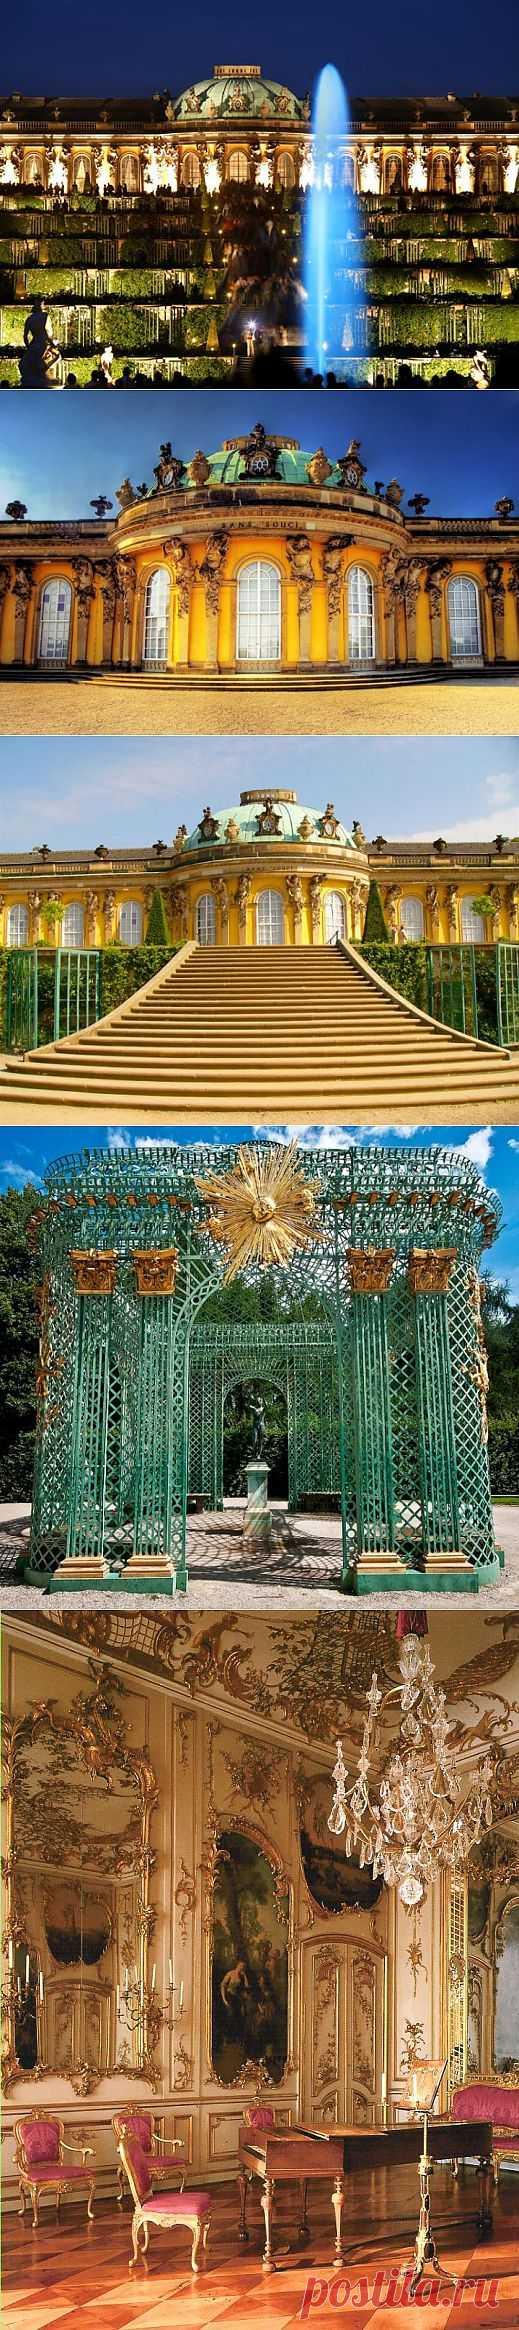 (+1) - Версаль в Потсдаме | УДИВИТЕЛЬНОЕ